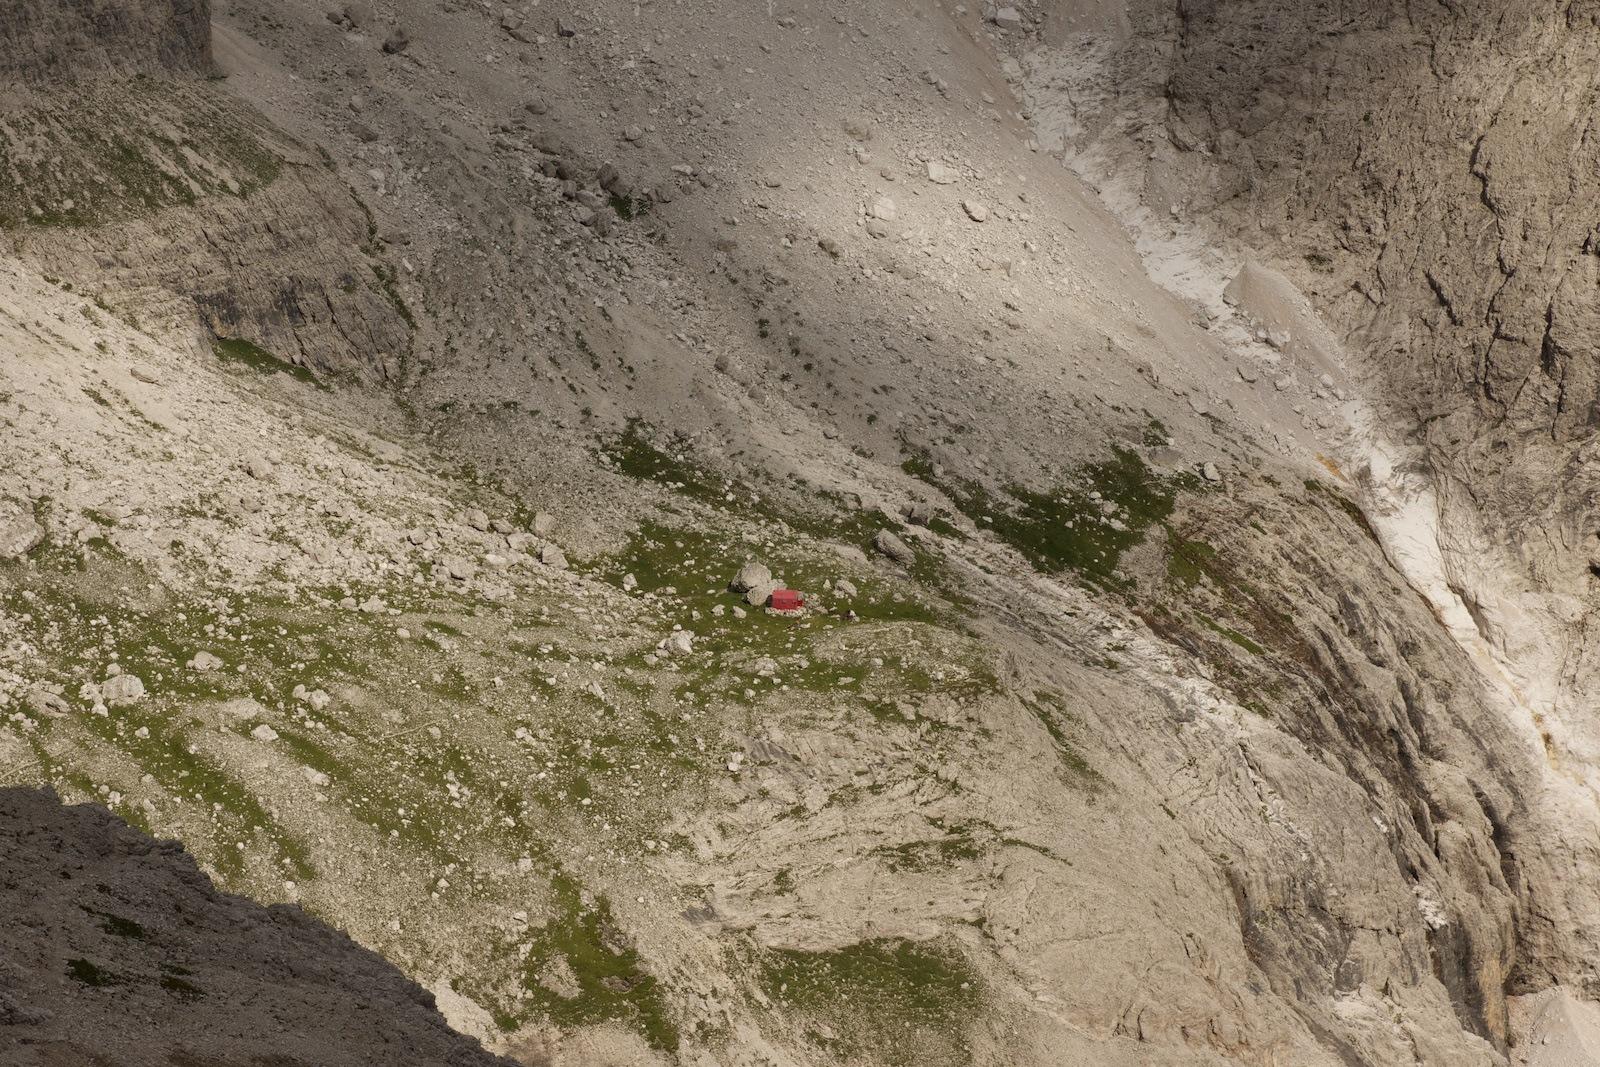 Roghel-Gabriella-Alpinisteig - 169